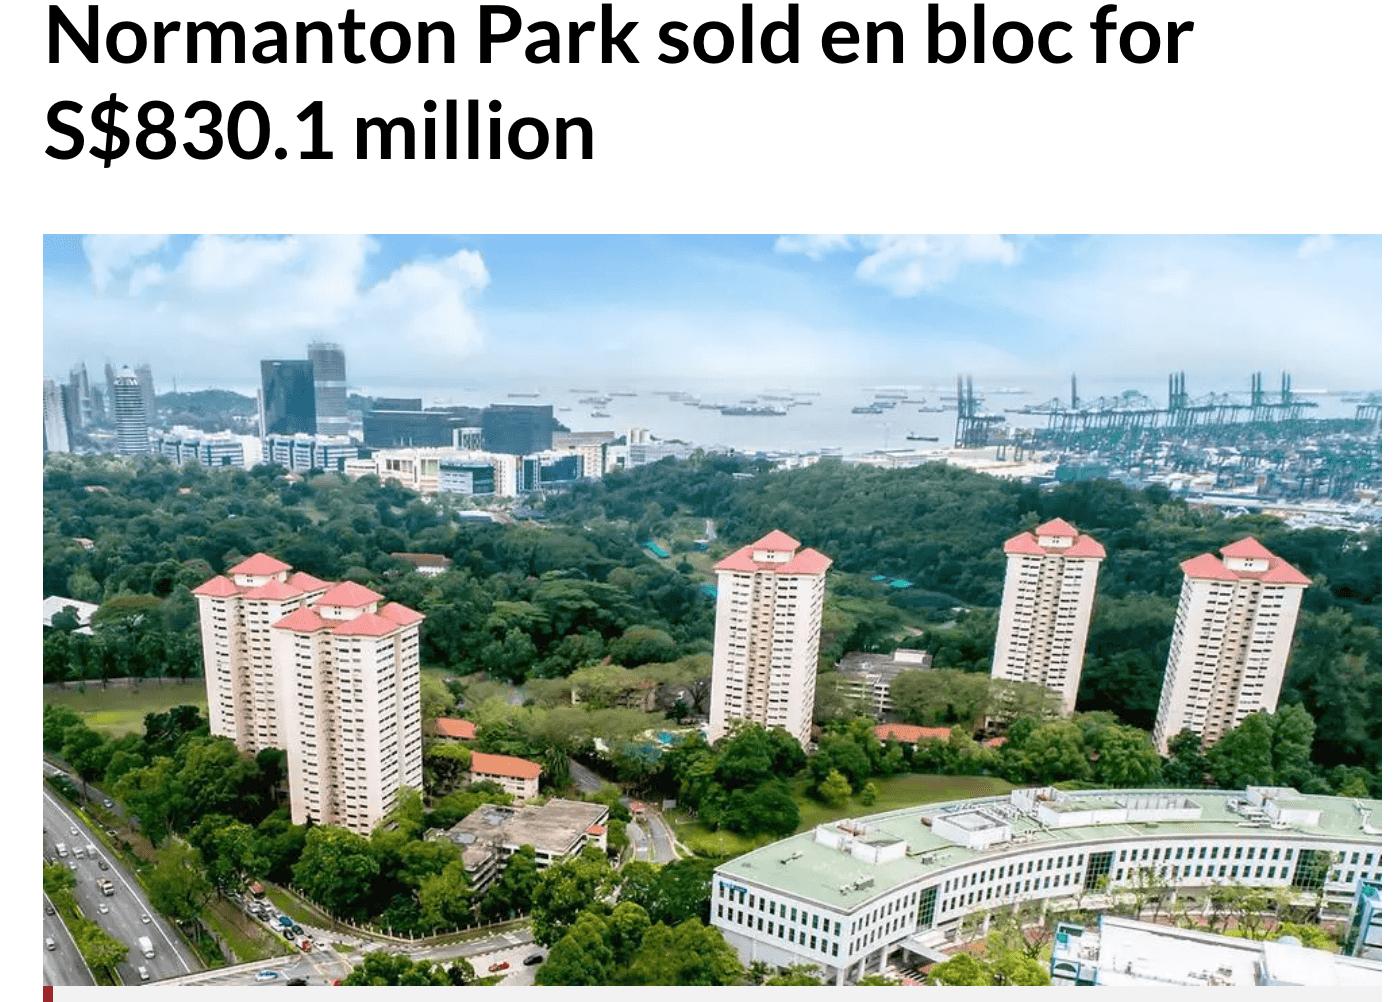 normanton-park-sold-en-bloc-for-S830.1-million-1